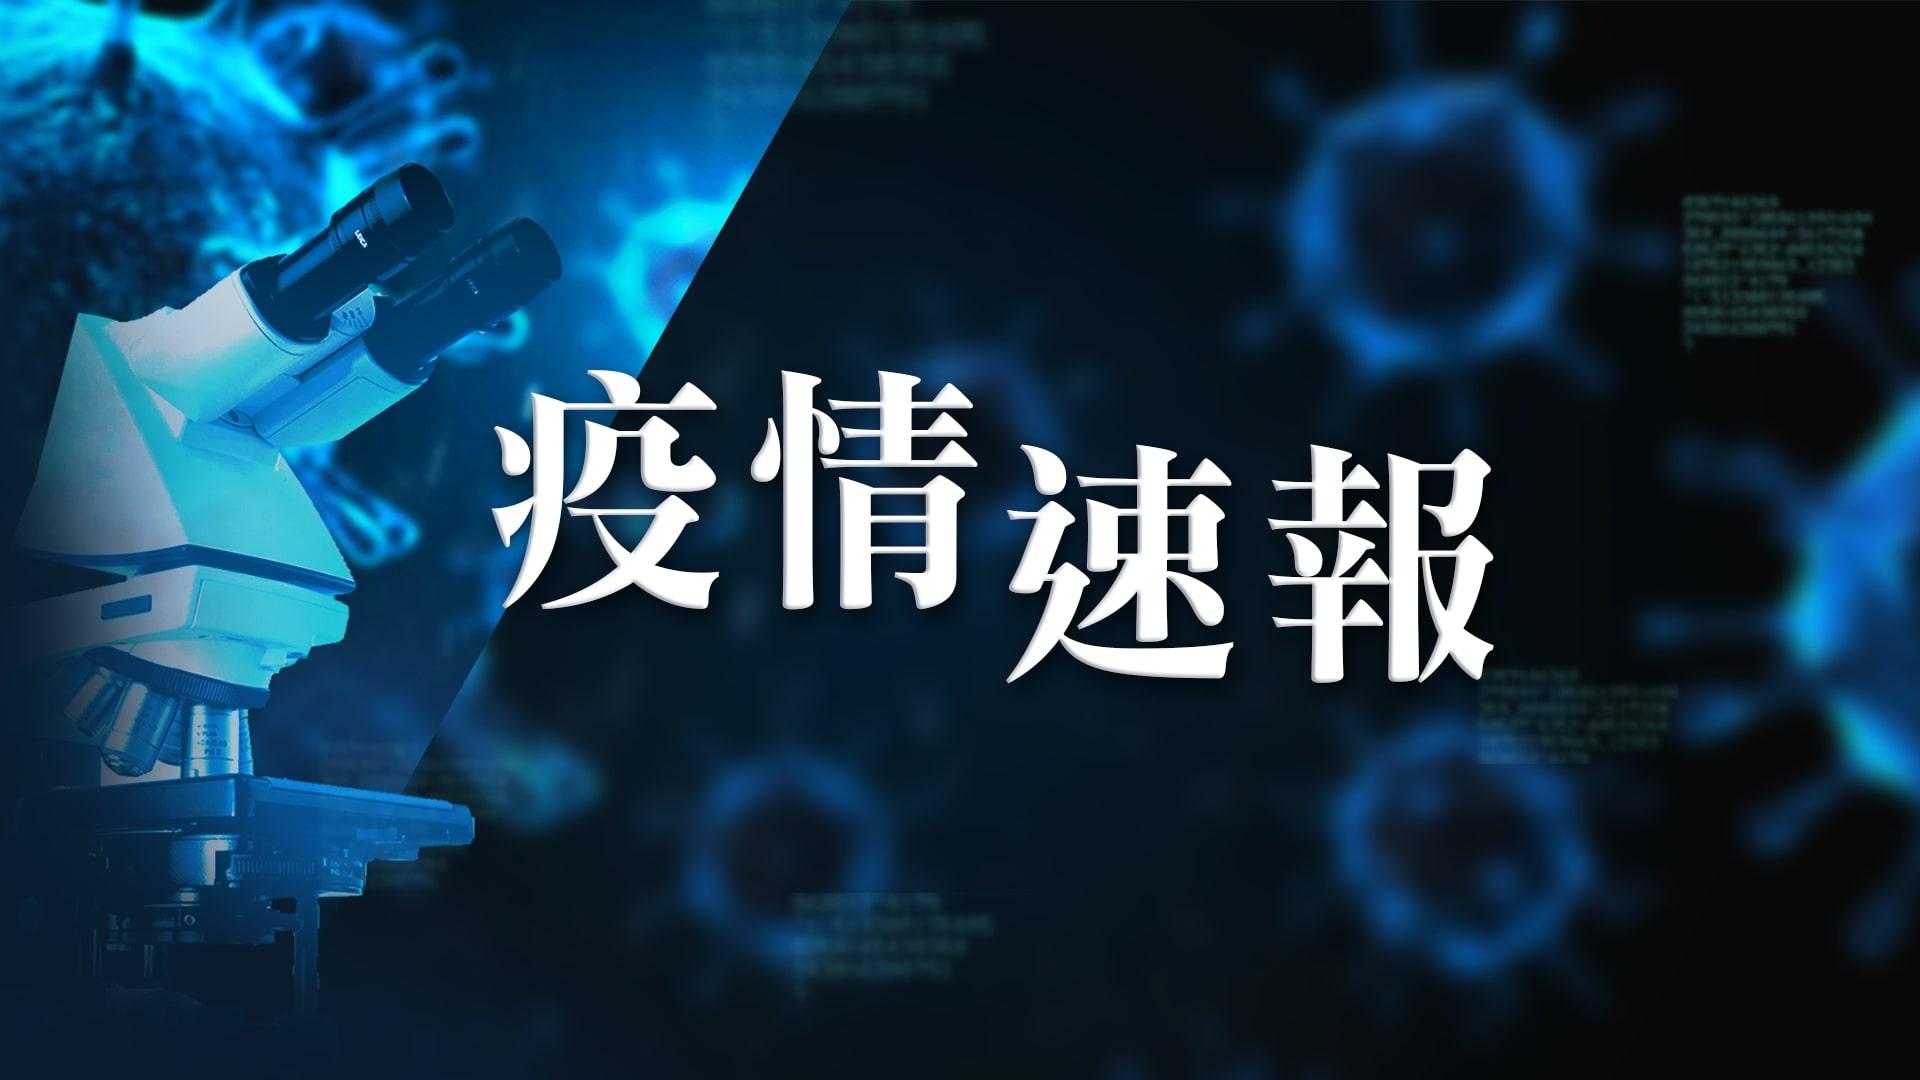 【5月12日疫情速報】(23:05)